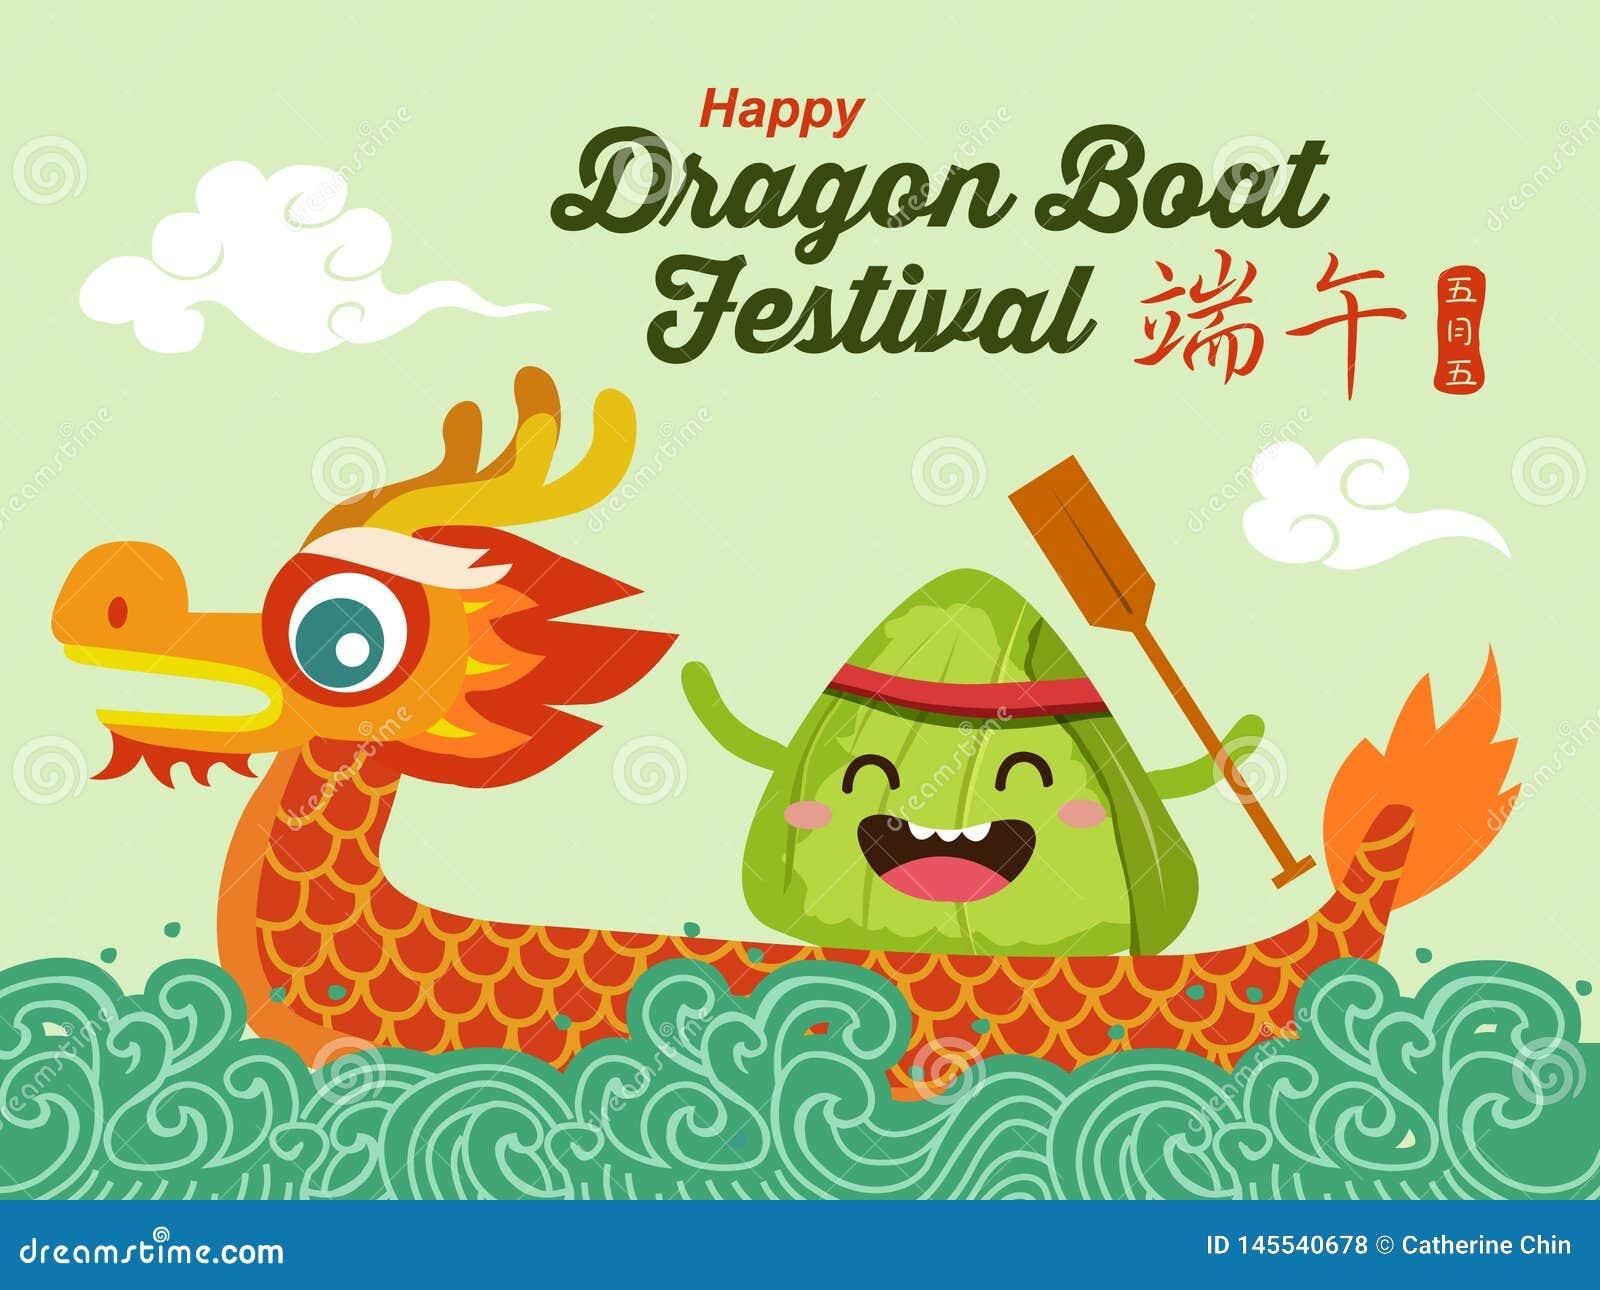 Διανυσματική κινεζική απεικόνιση χαρακτήρα κινουμένων σχεδίων μπουλεττών ρυζιού και φεστιβάλ βαρκών δράκων Το κινεζικό κείμενο ση